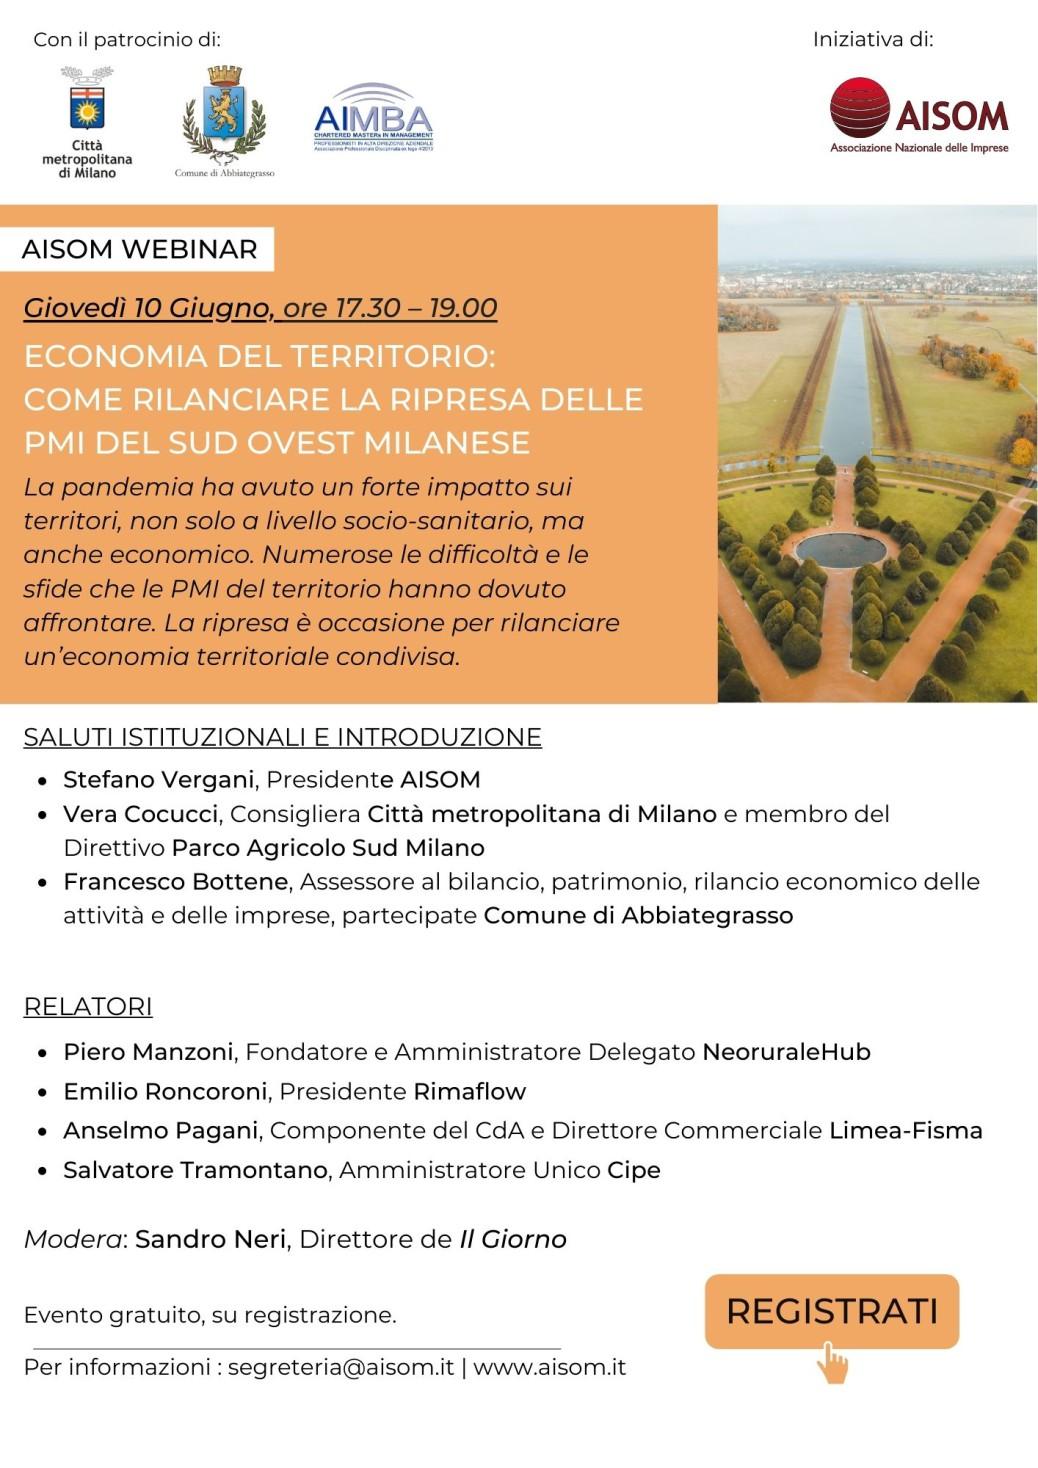 Locandina_Webinar_AISOM_Economia del territorio SOM_10.06.2021(6)